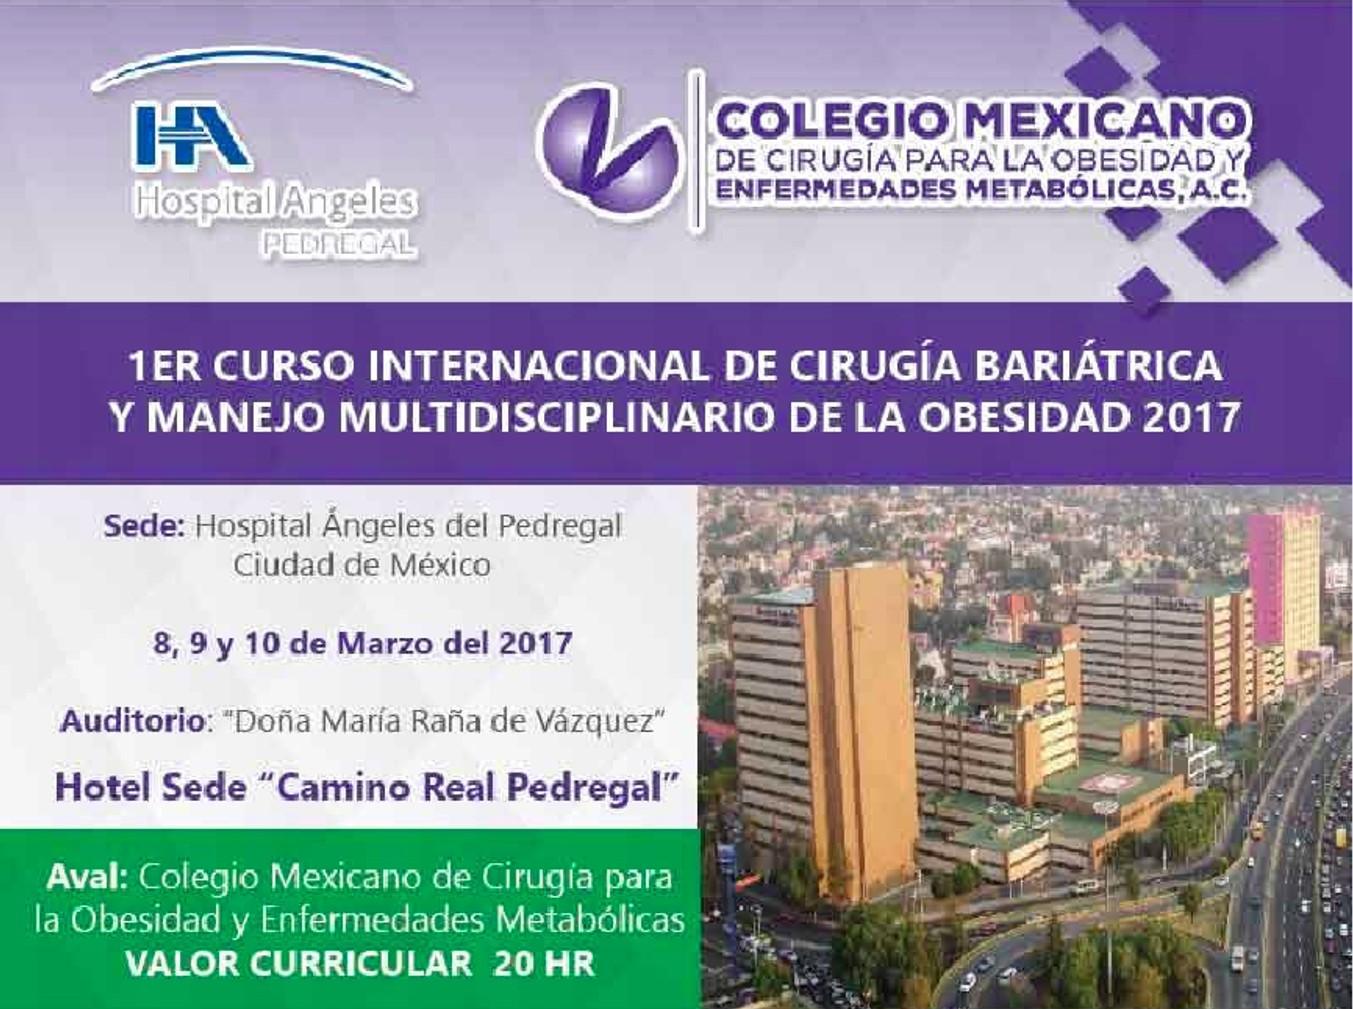 1ER CURSO INTERNACIONAL DE CIRUGÍA BARIÁTRICA Y MANEJO MULTIDISCIPLINARIO DE LA OBESIDAD 2017